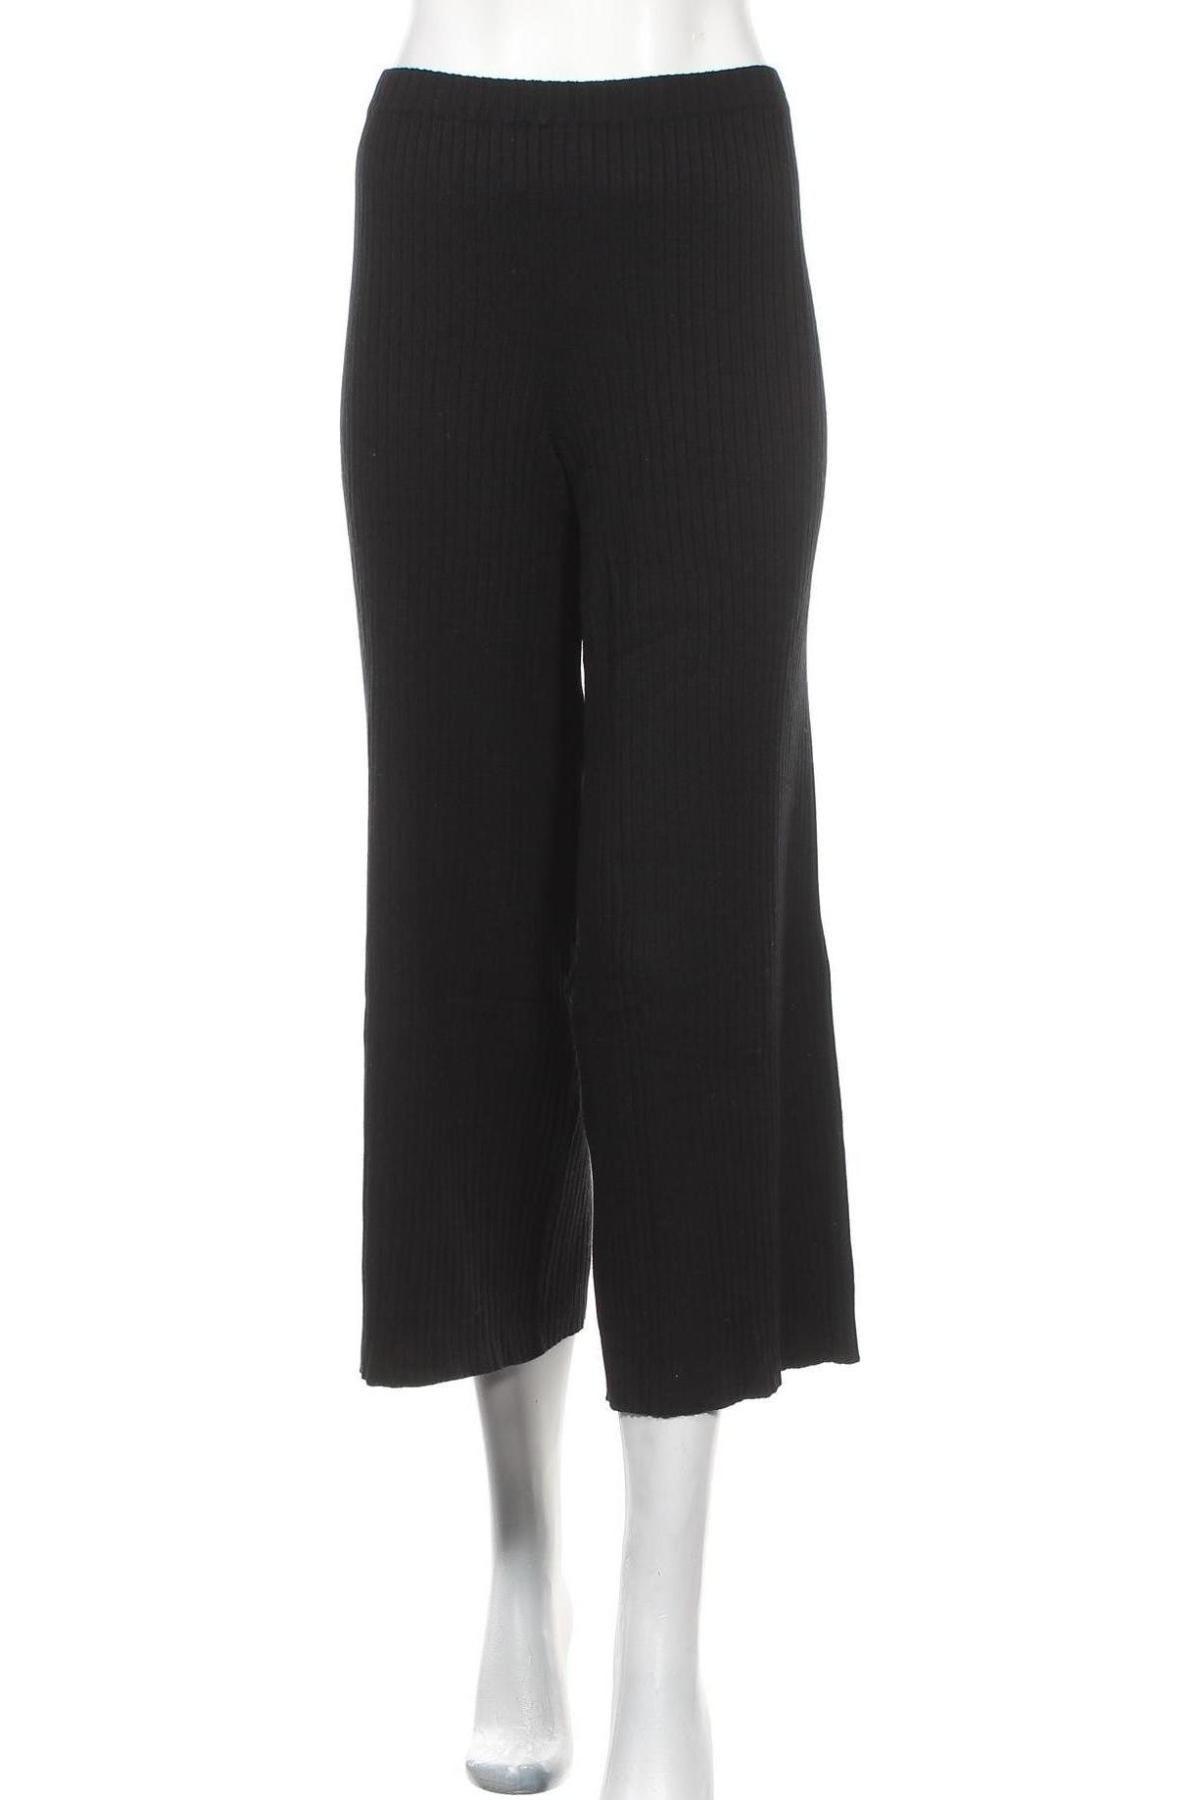 Дамски панталон Monki, Размер M, Цвят Черен, 70% вискоза, 30% полиамид, Цена 21,70лв.